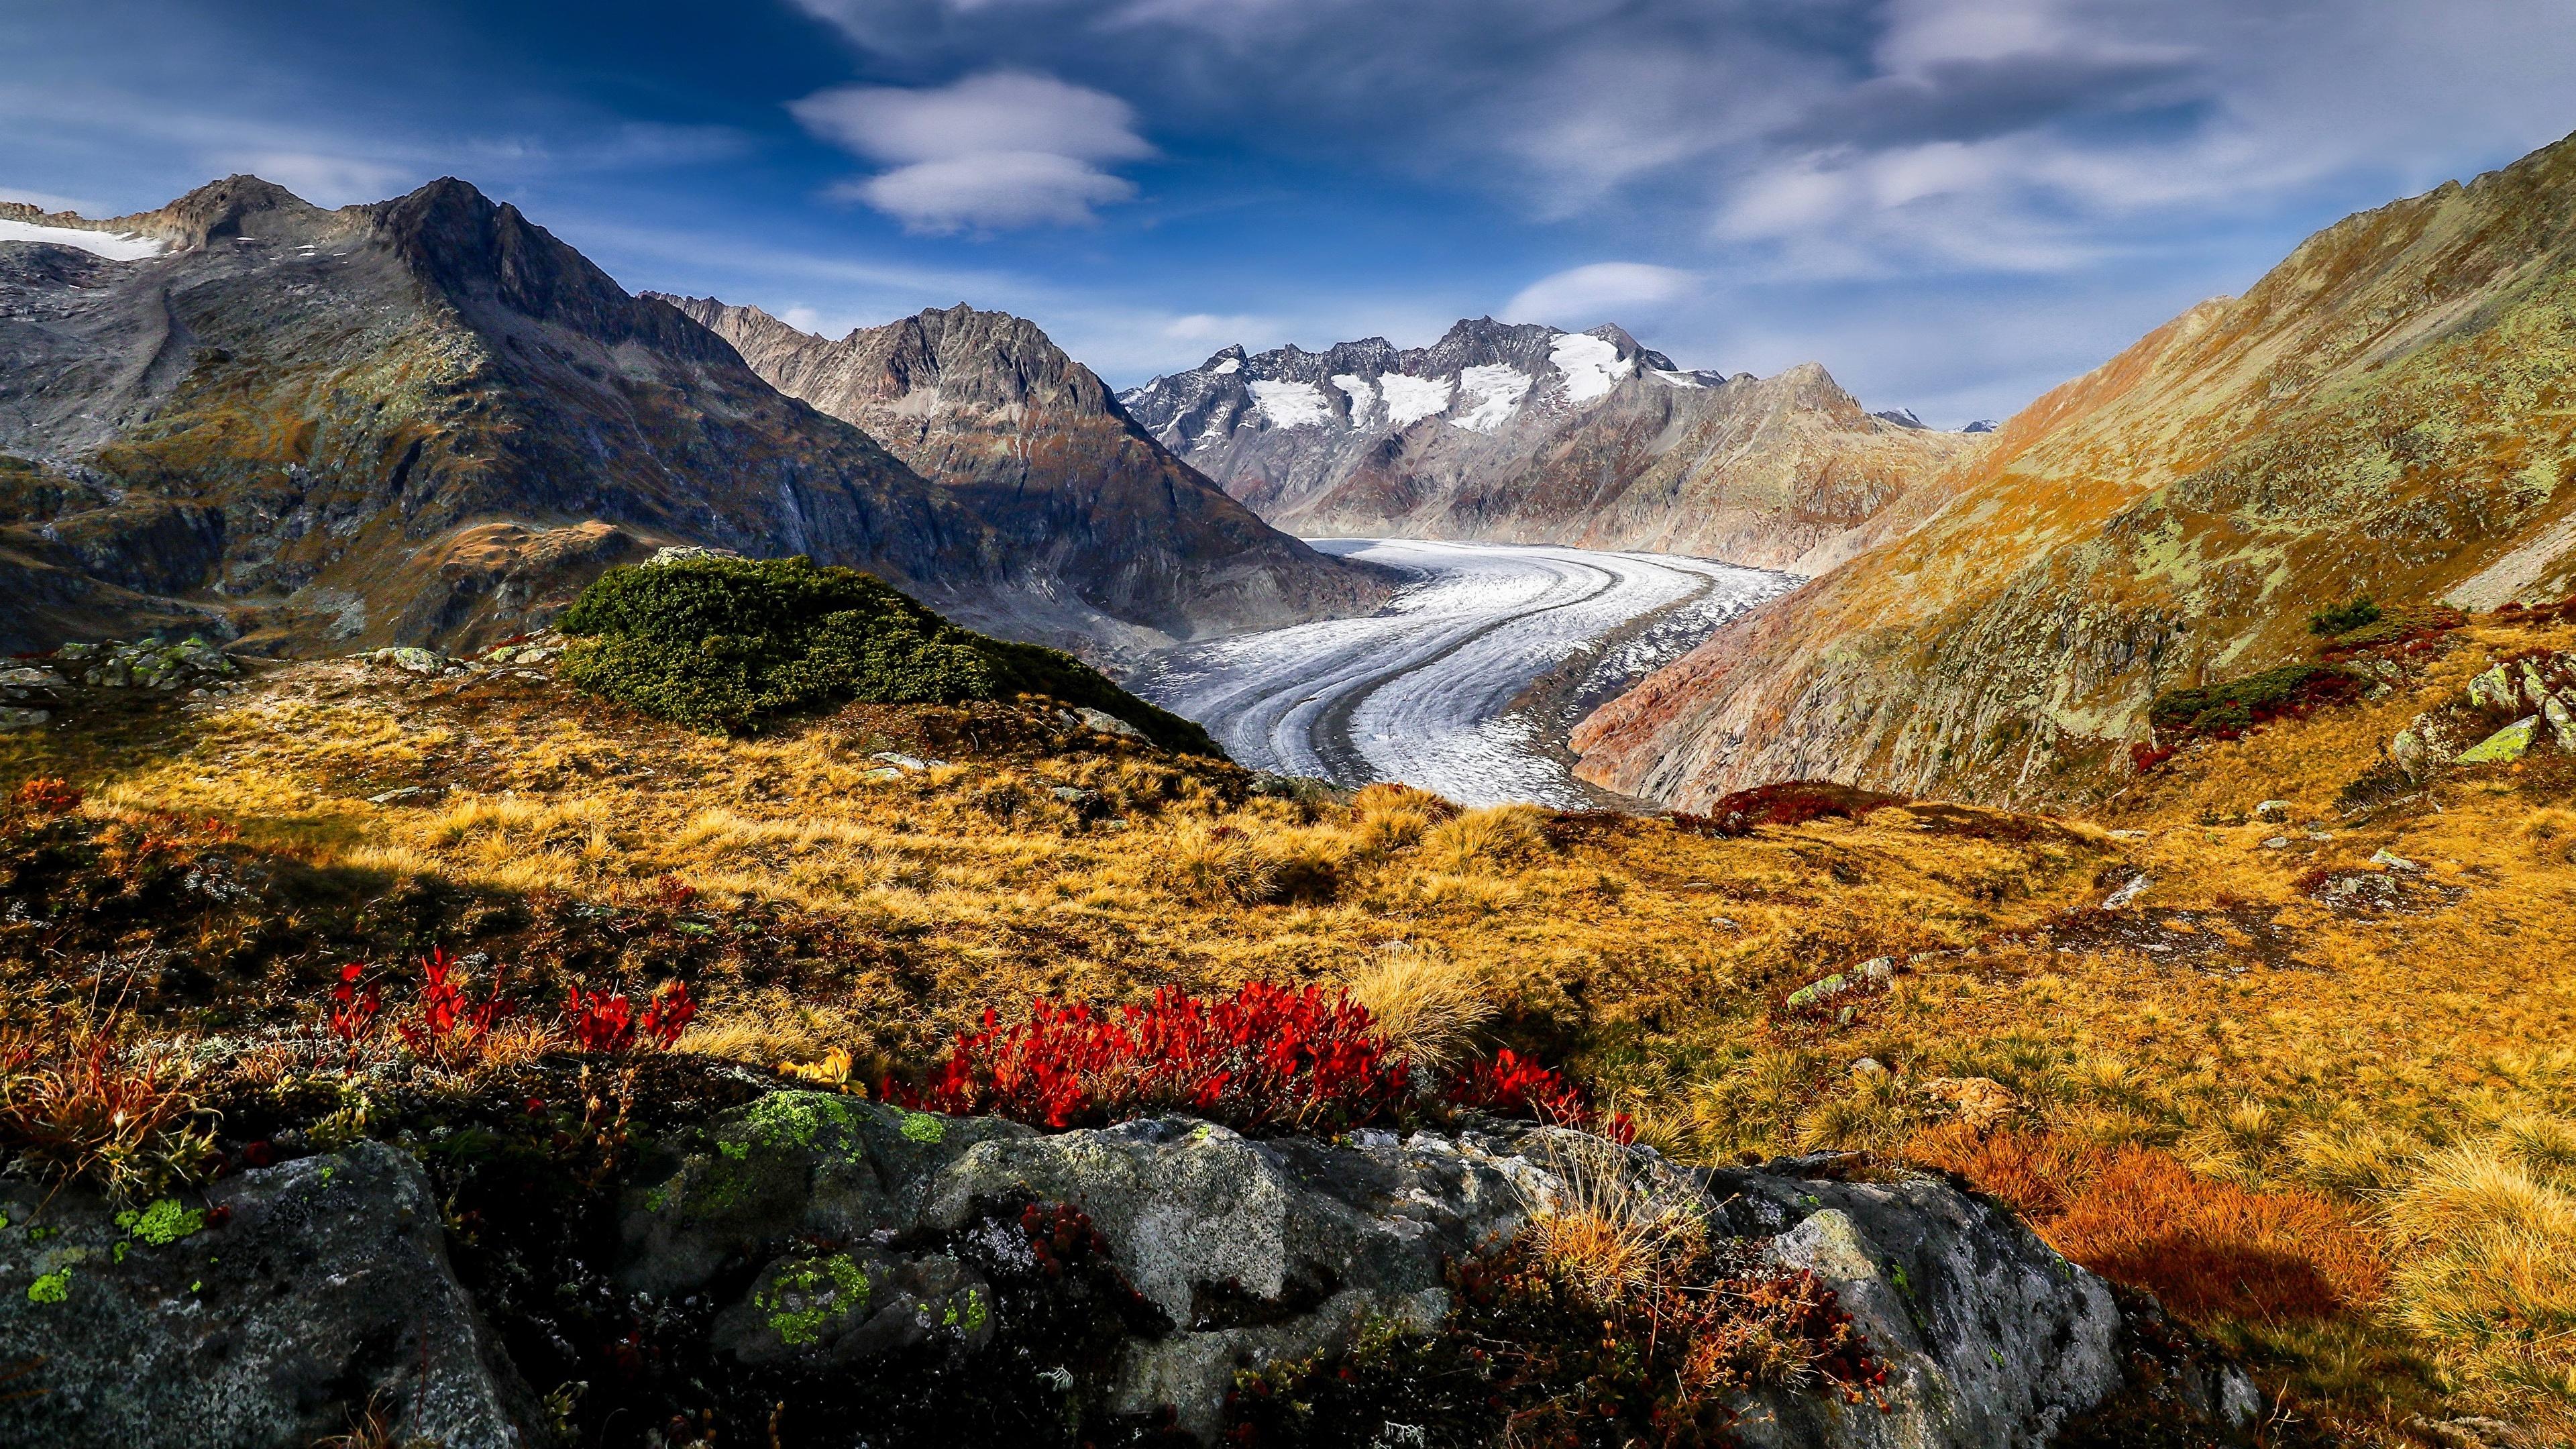 Картинки альп Швейцария Aletsch Glacier Горы Природа 3840x2160 Альпы гора